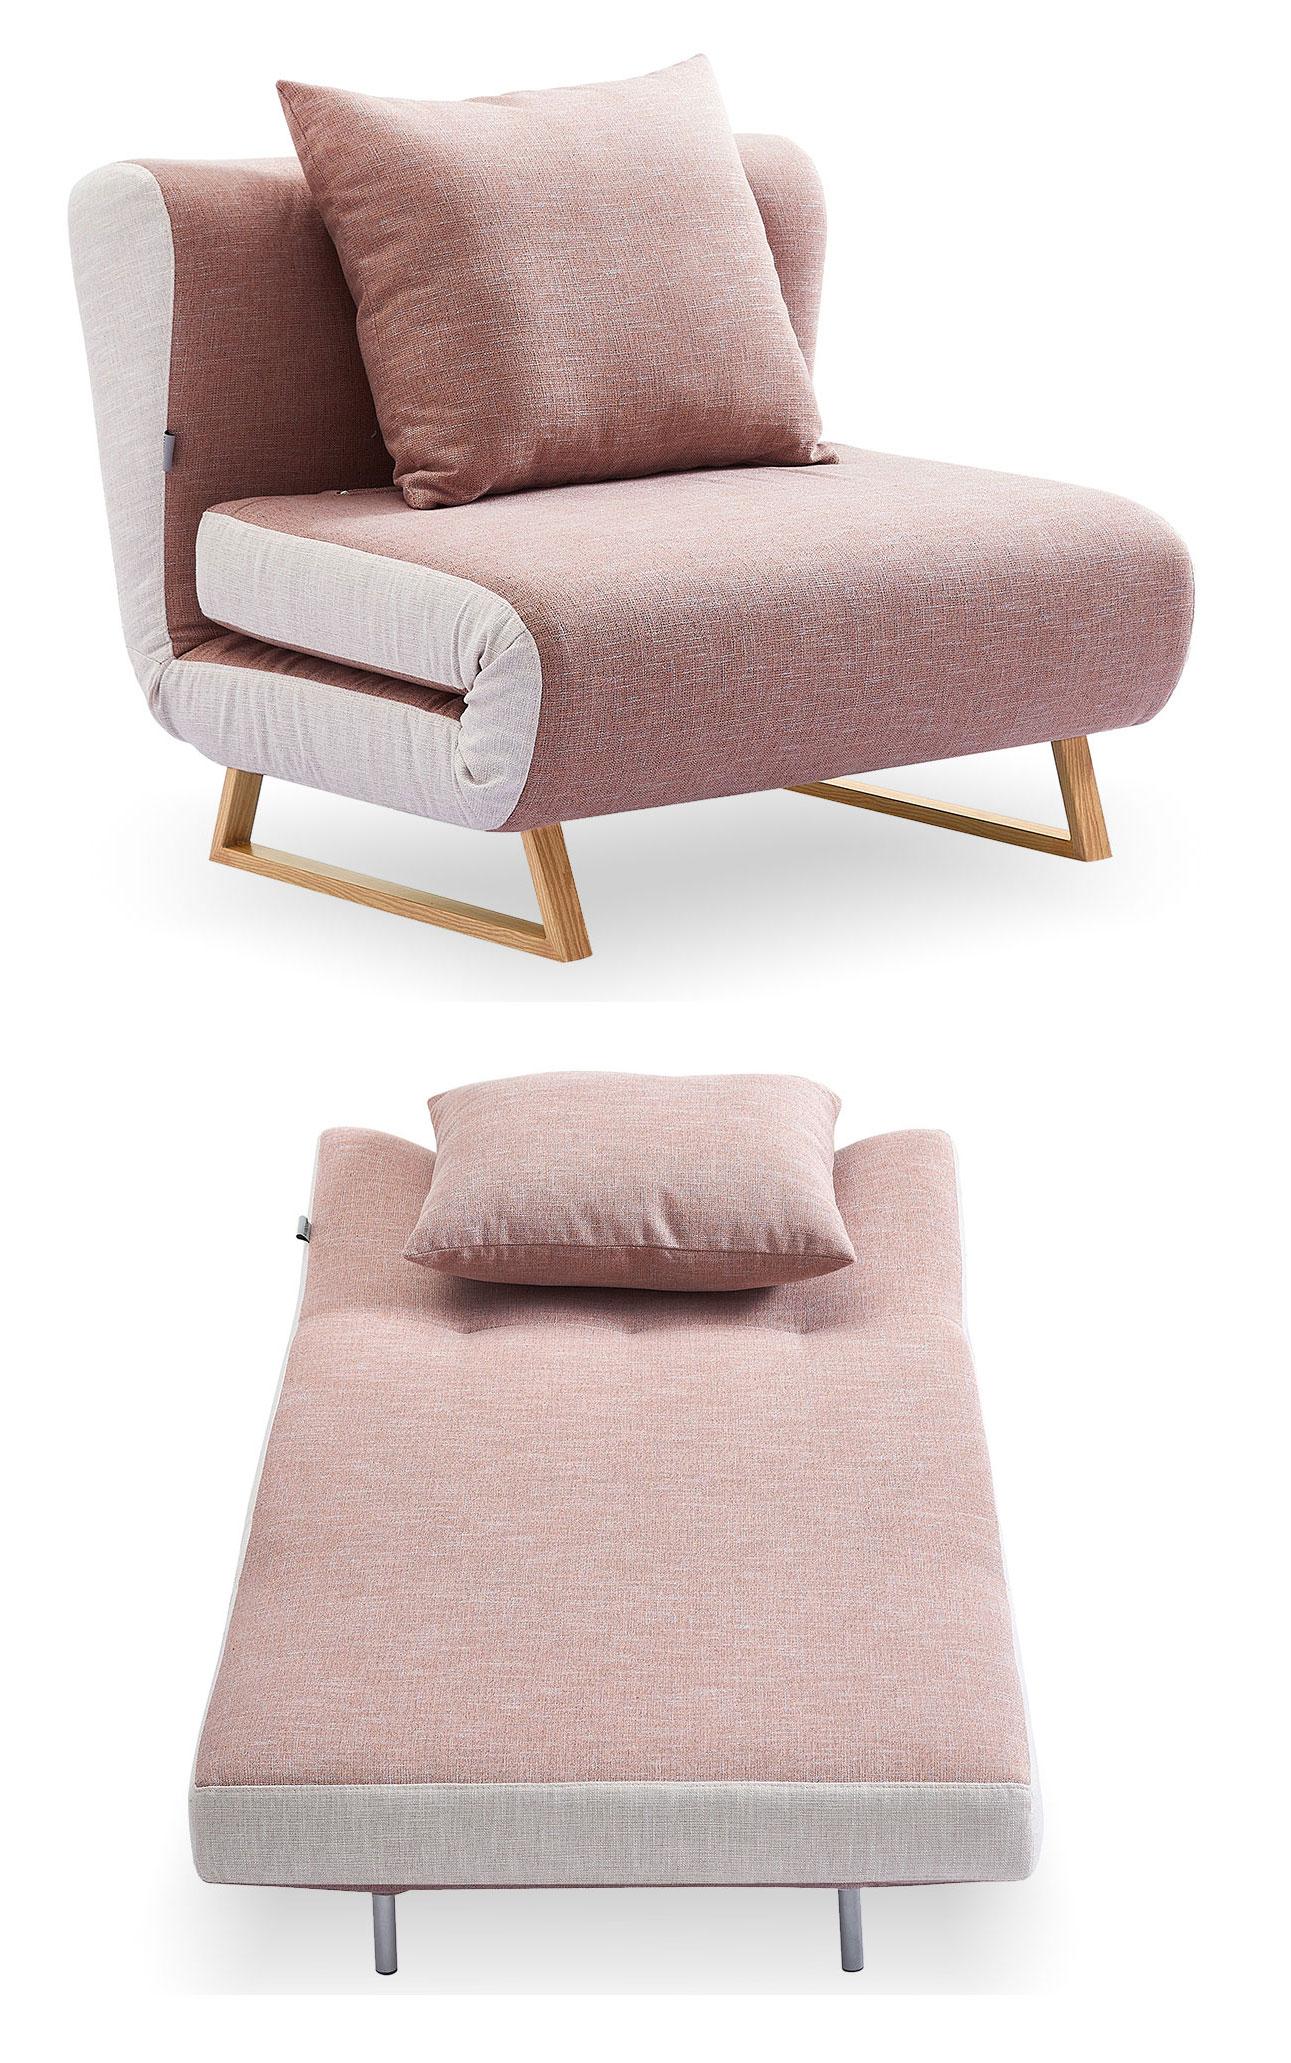 Кресло кровать Rosy, коралловый